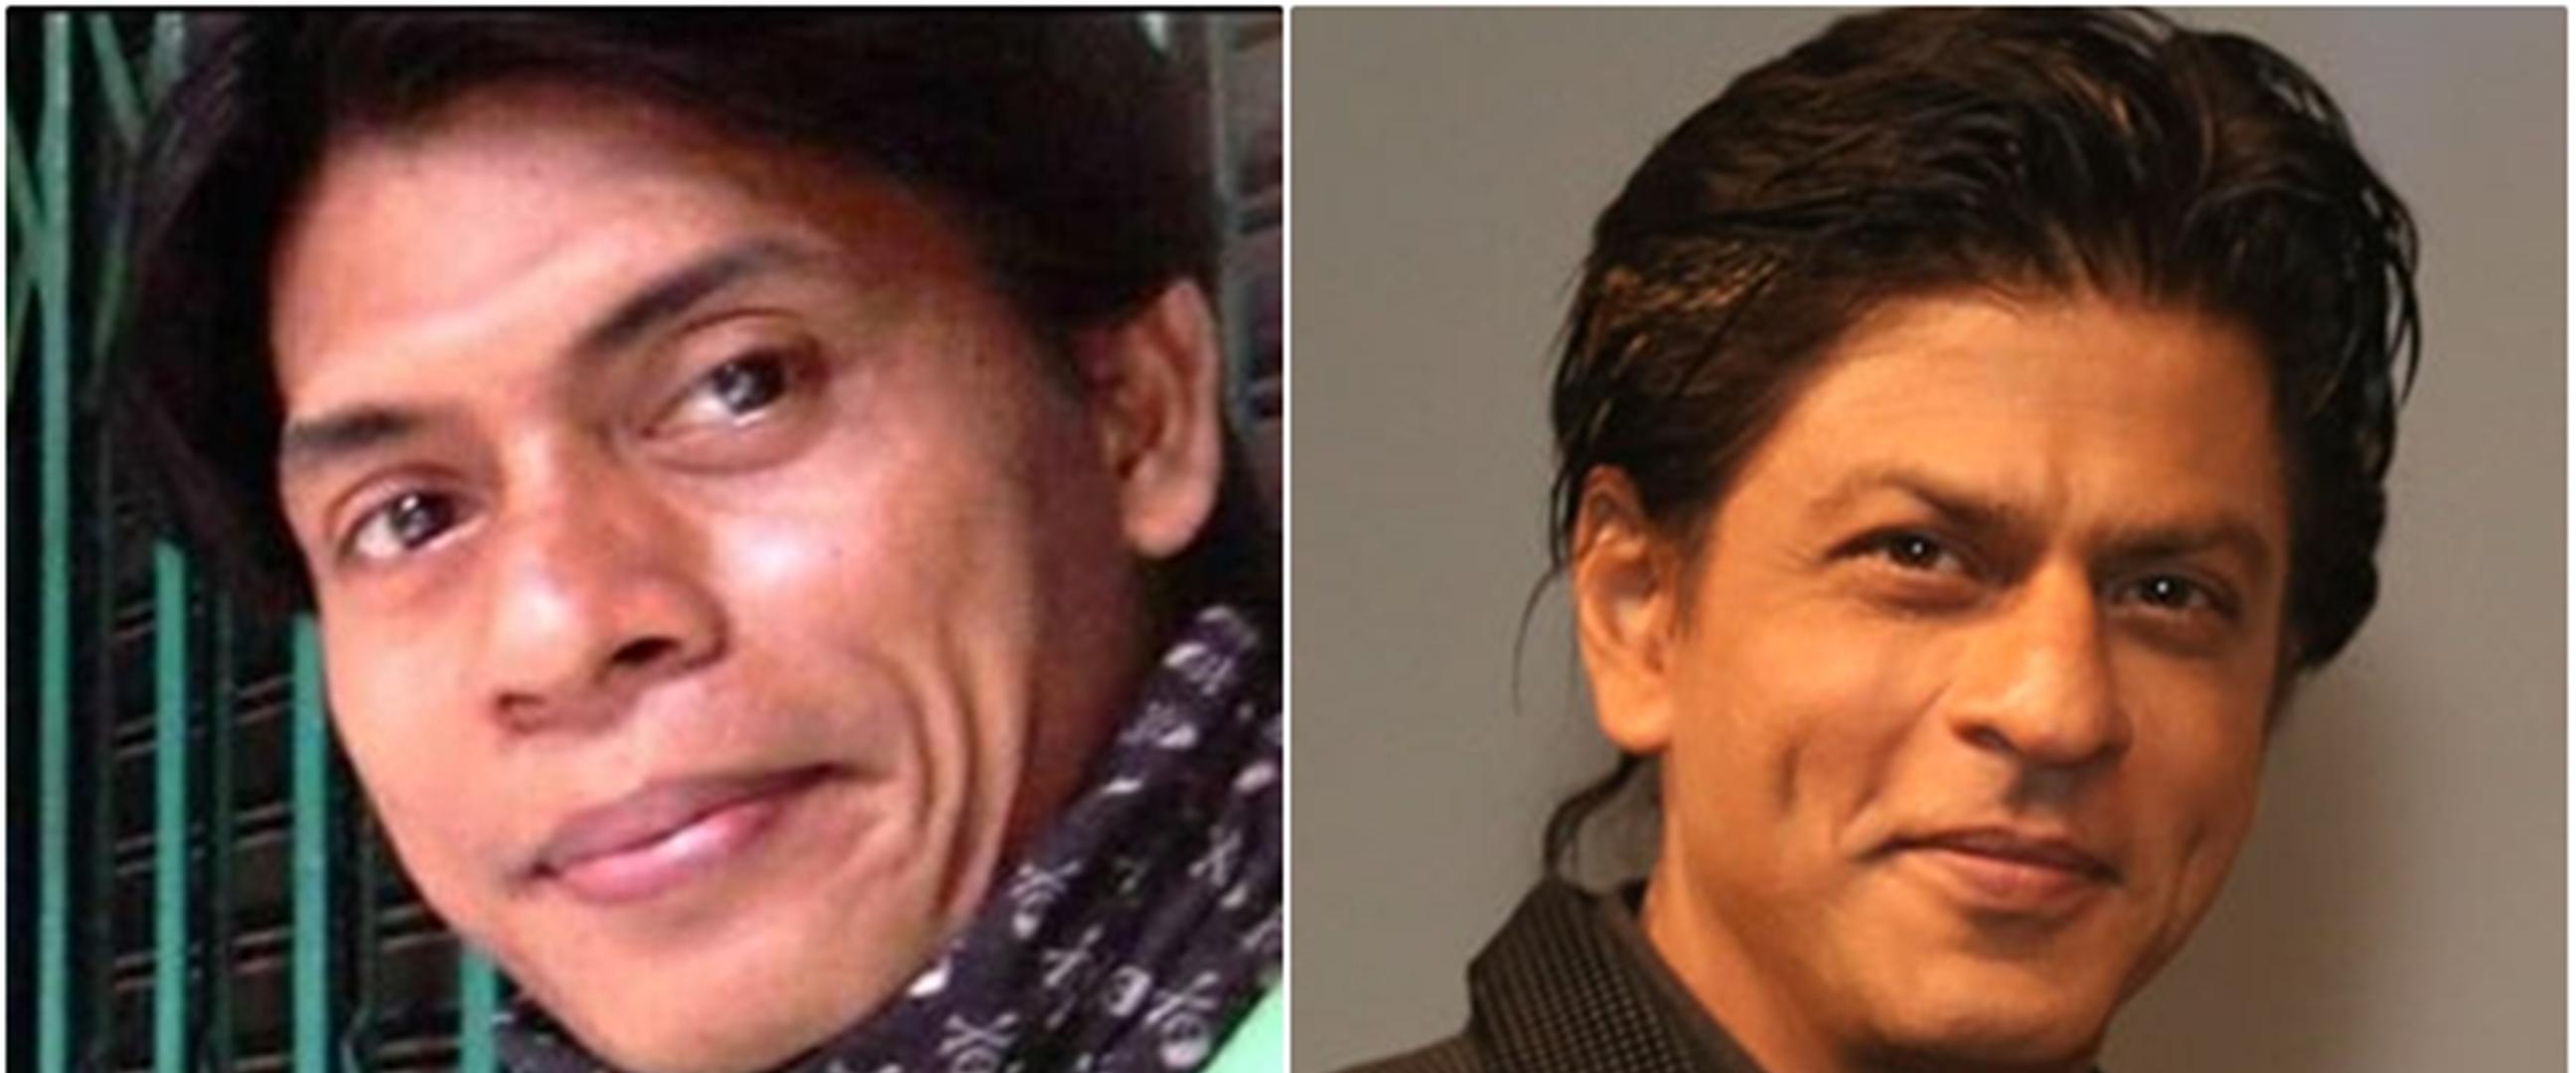 4 Pria ini disebut 'kembaran' dengan Shah Rukh Khan, bisa bedain?